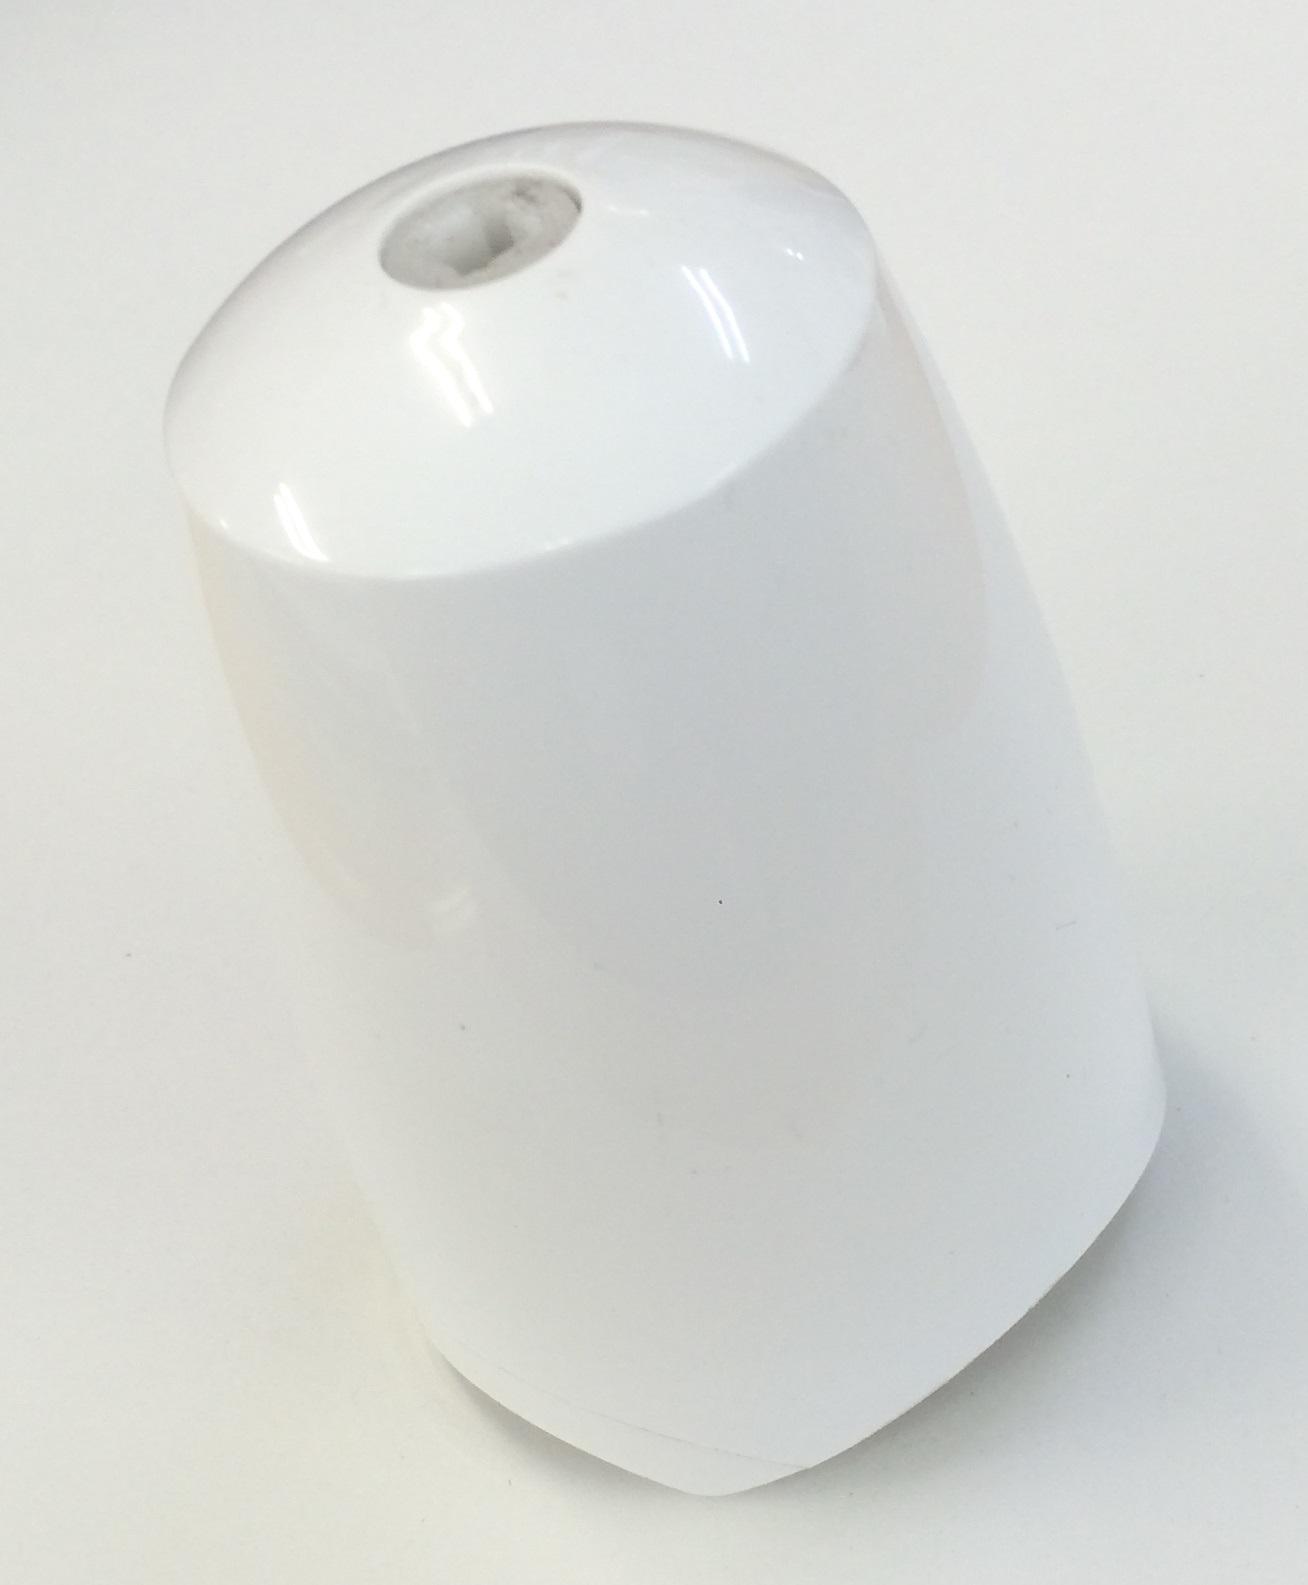 ブラウン マルチクイック ハンドブレンダー用 泡立て器接続部 [パーツコード:BR67050148]